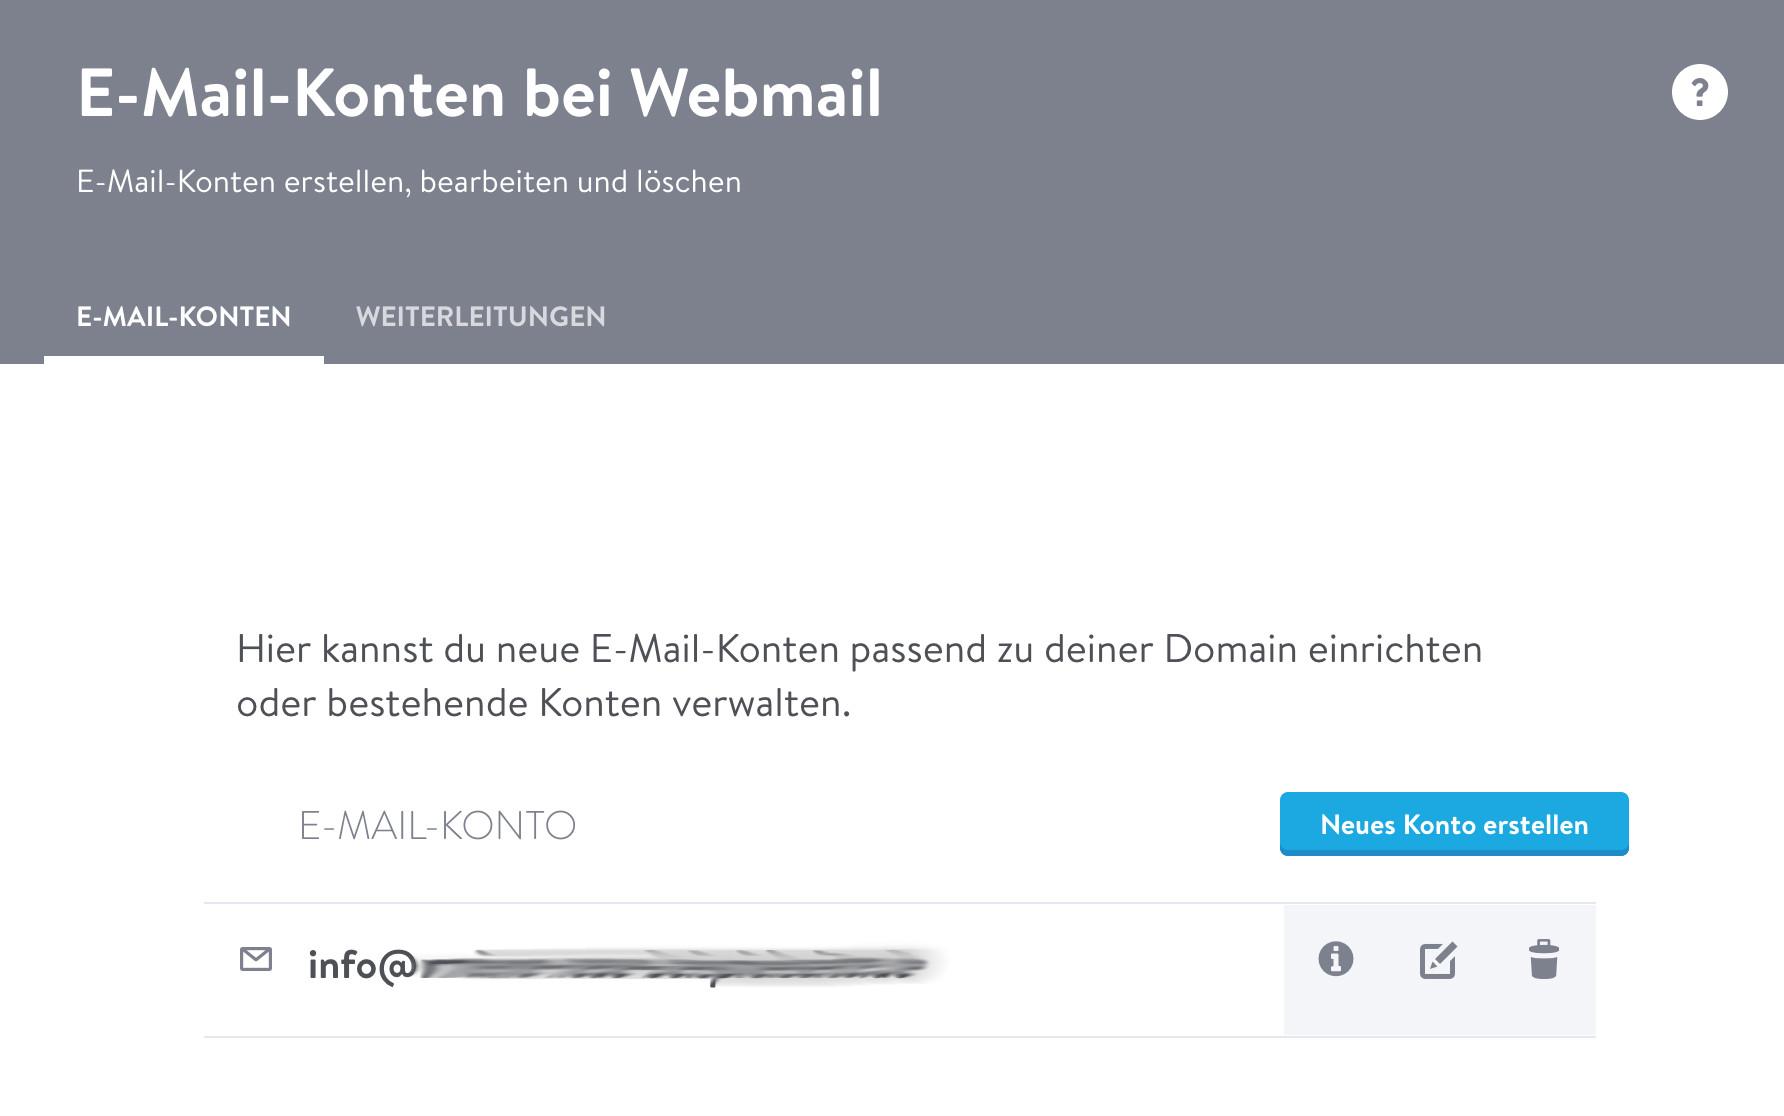 Webmail: Ansicht E-Mail-Konto hinzufügen (Bearbeitungsleiste)